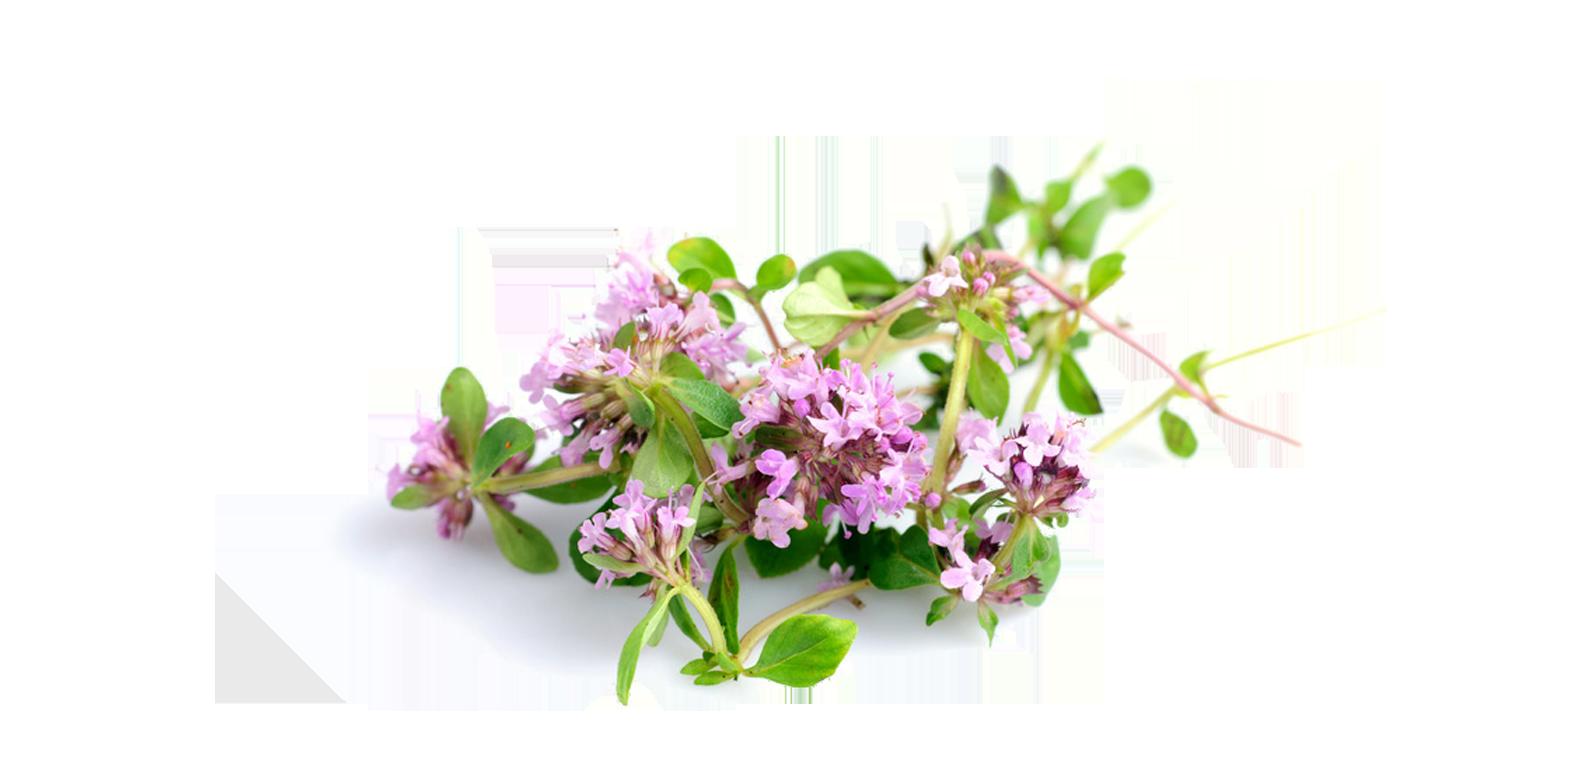 Thym - Thymus vulgaris